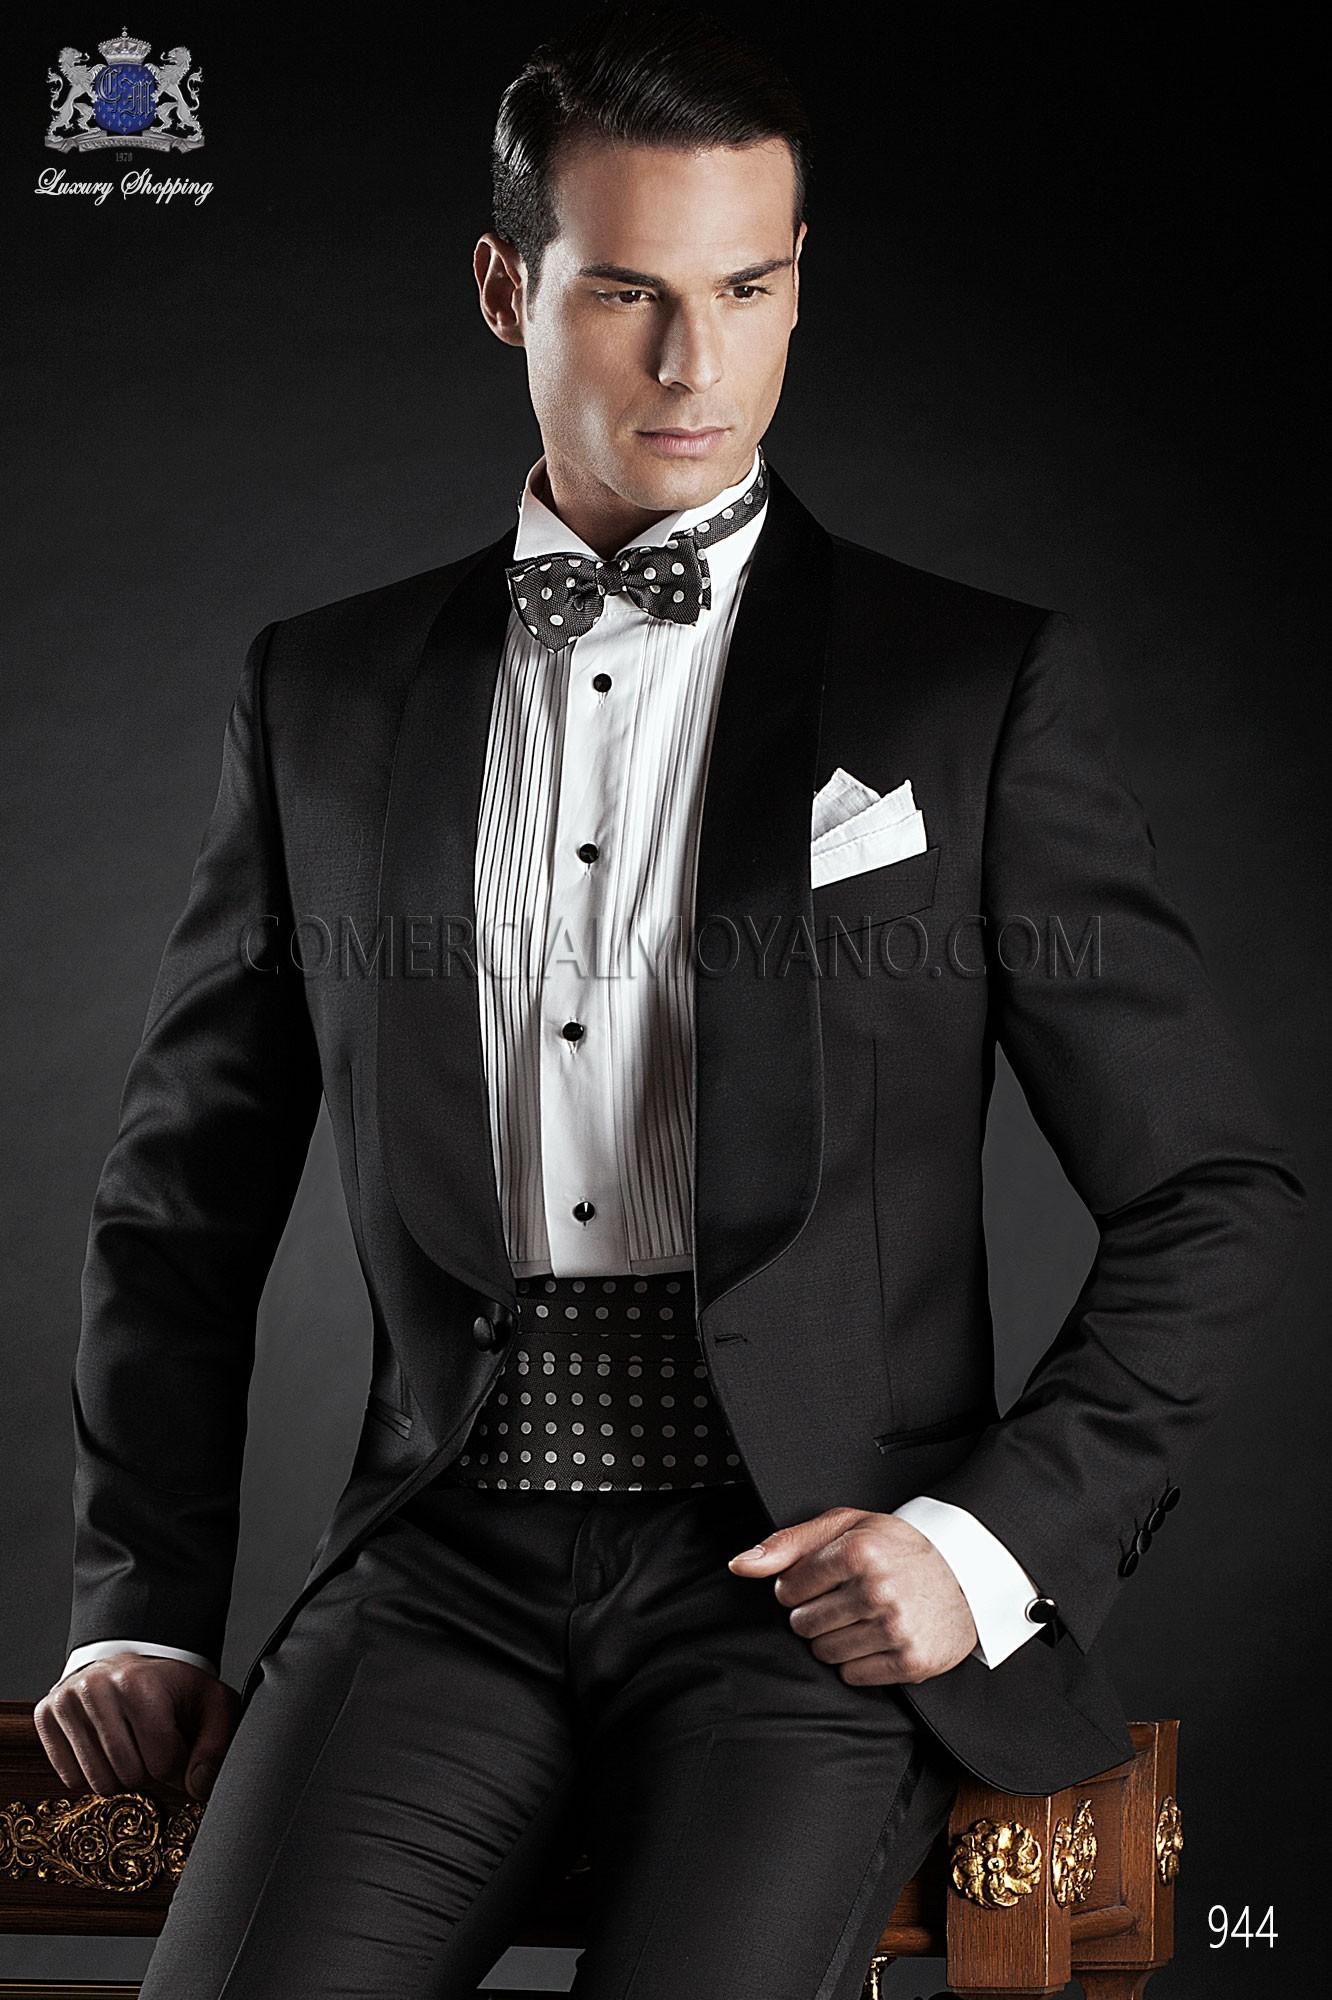 Traje BlackTie de novio negro modelo: 944 Ottavio Nuccio Gala colección Black Tie